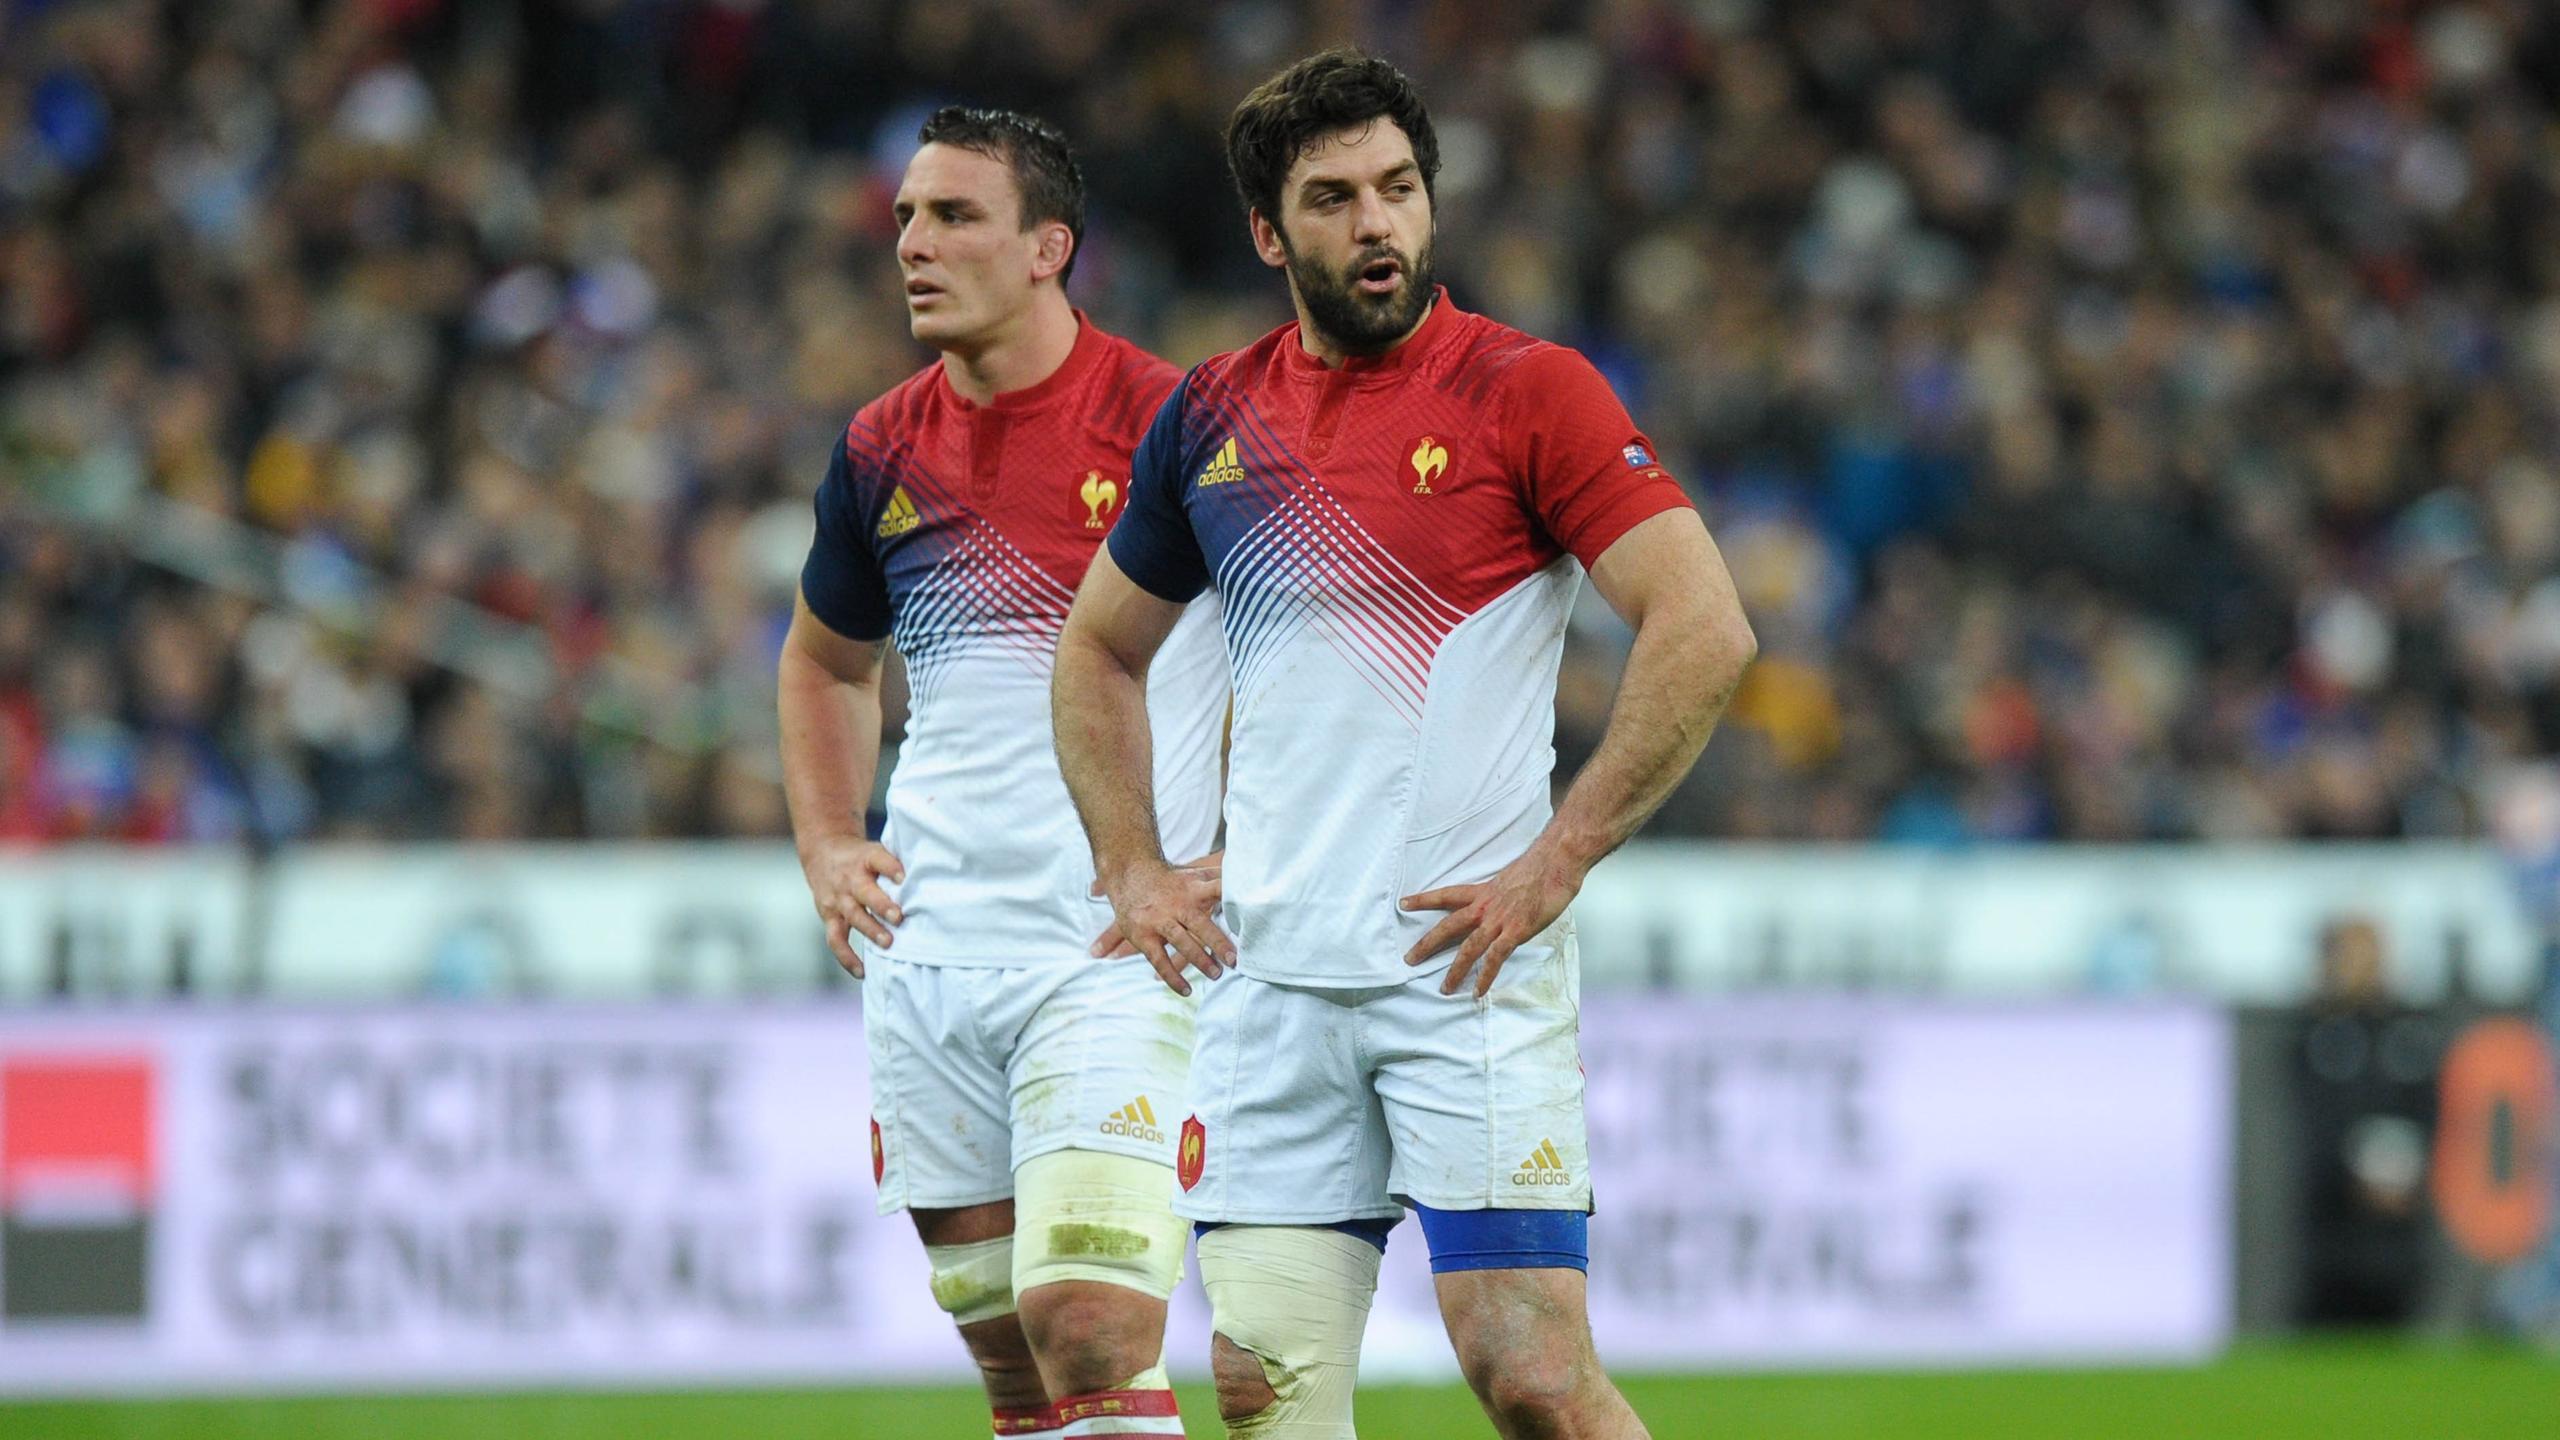 Louis Picamoles et Kévin Gourdon (XV de France) - novembre 2016